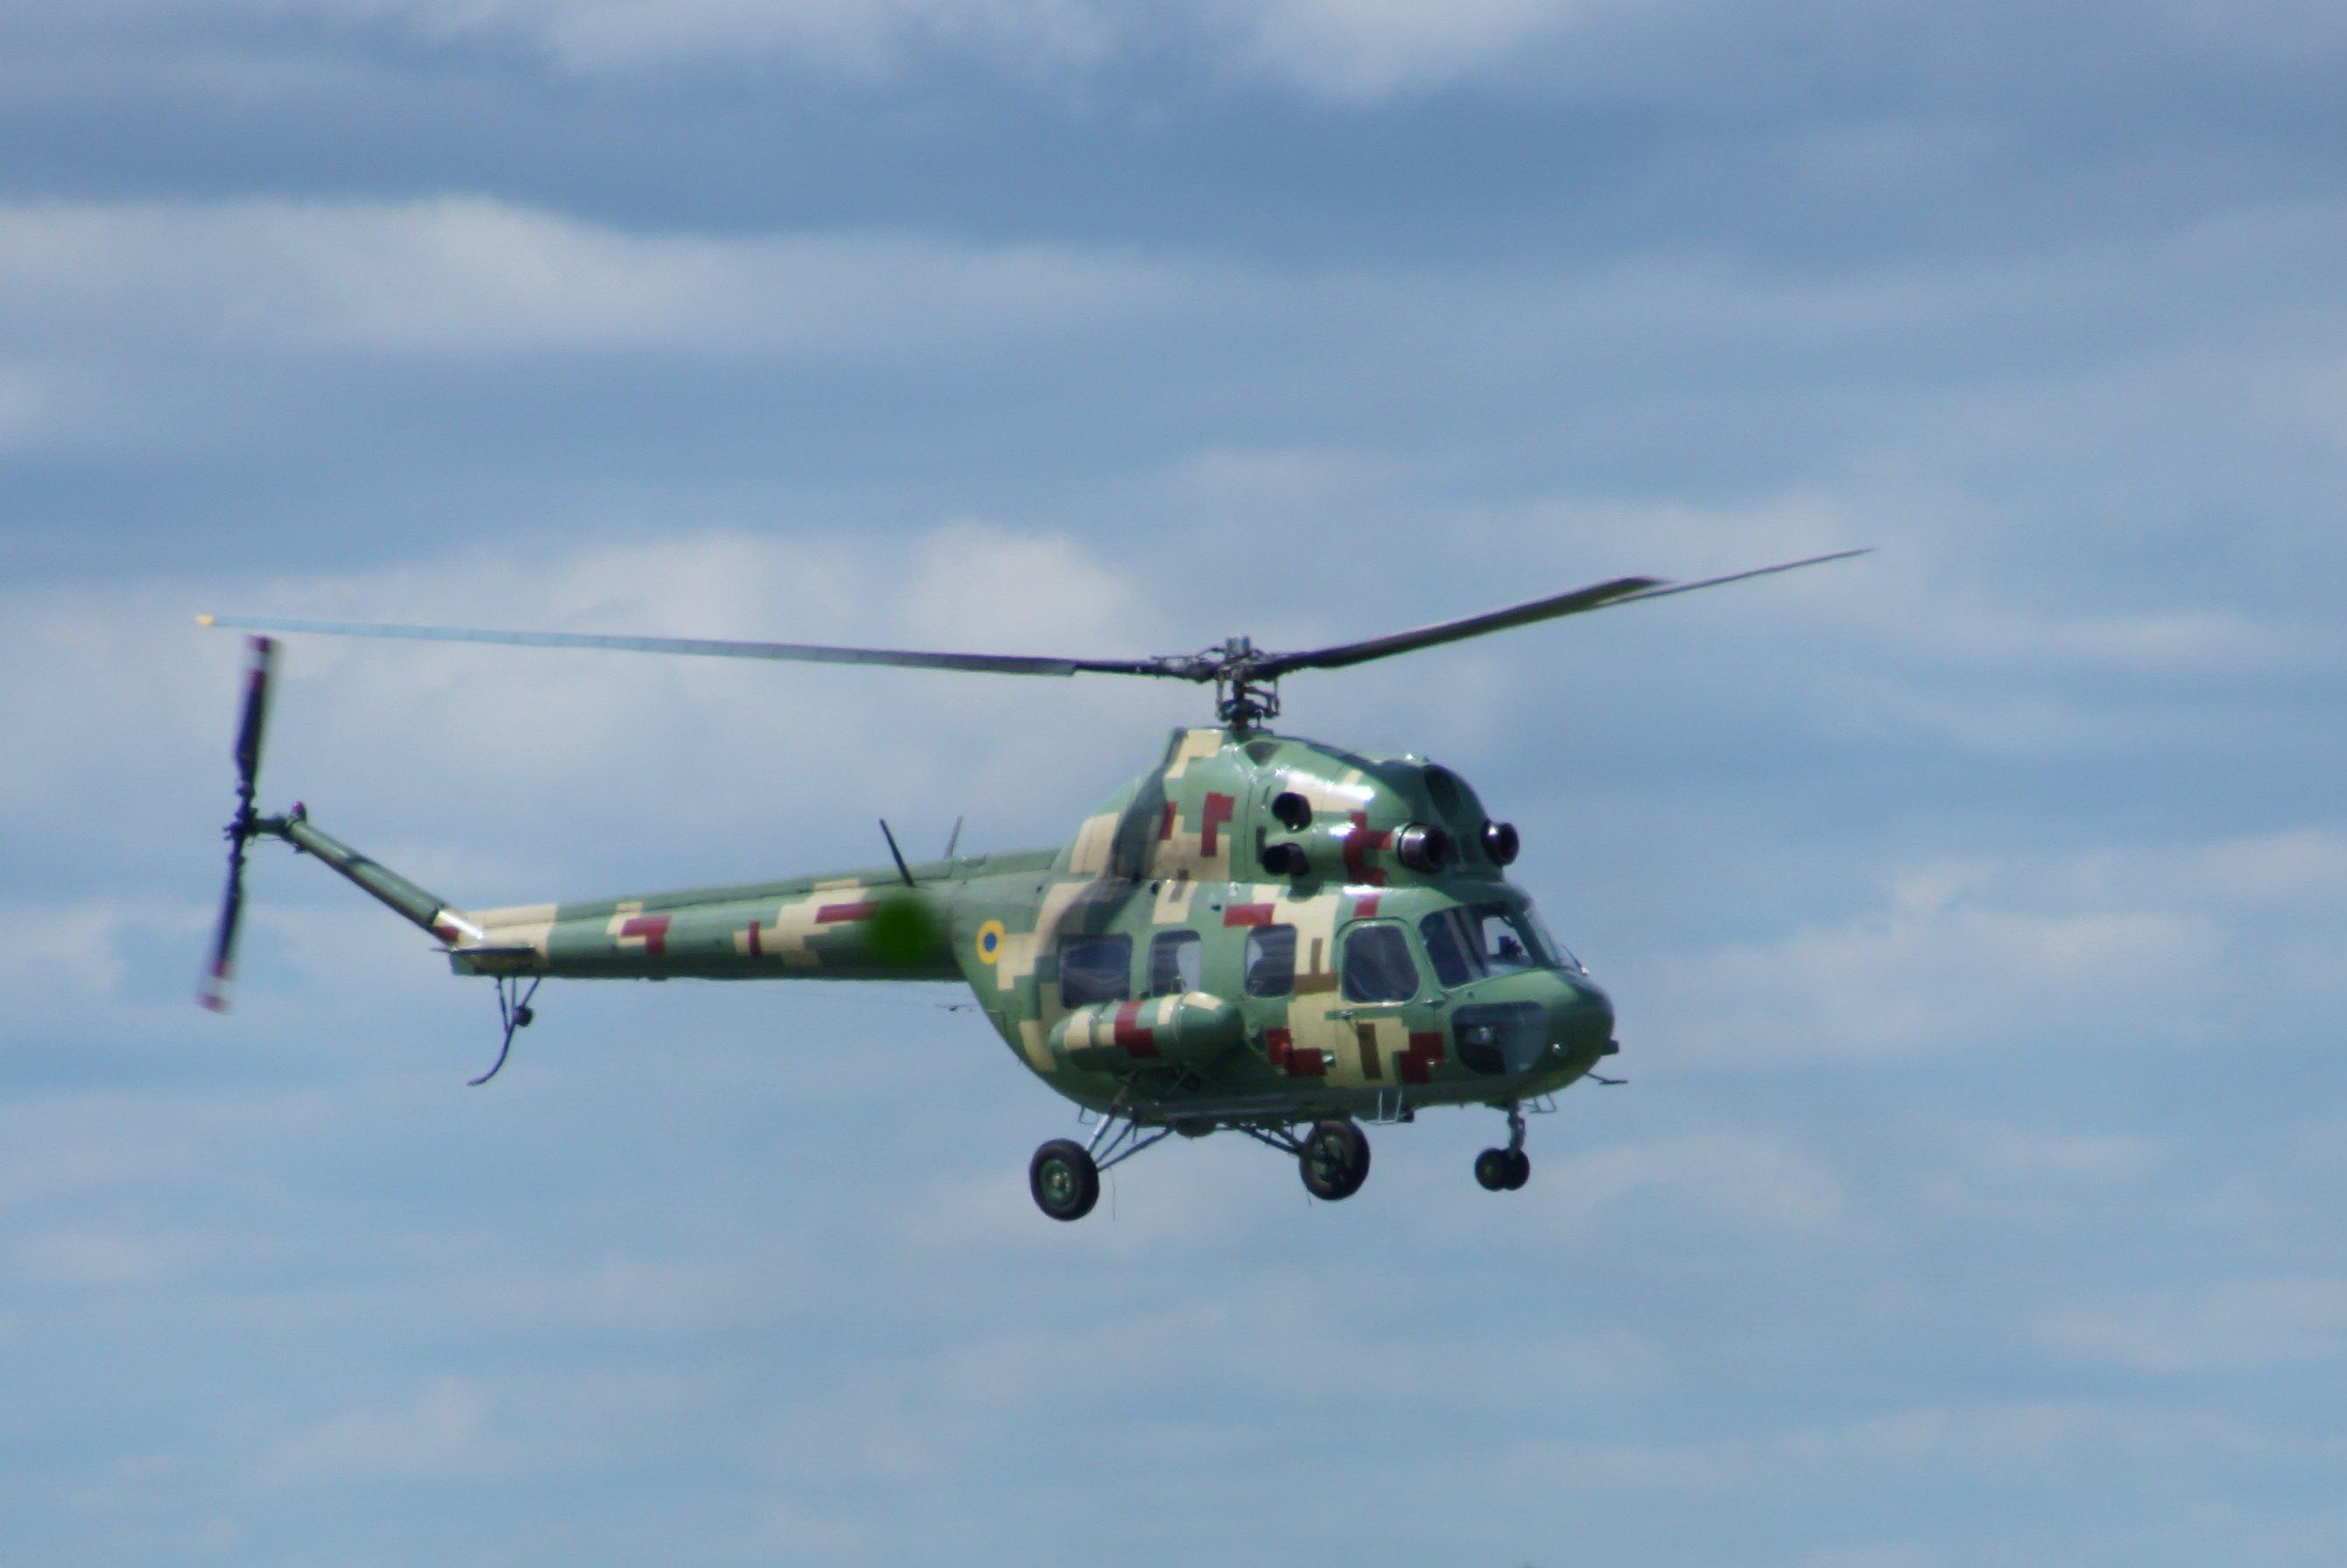 Курсанты-вертолетчики проходят первую летную практику